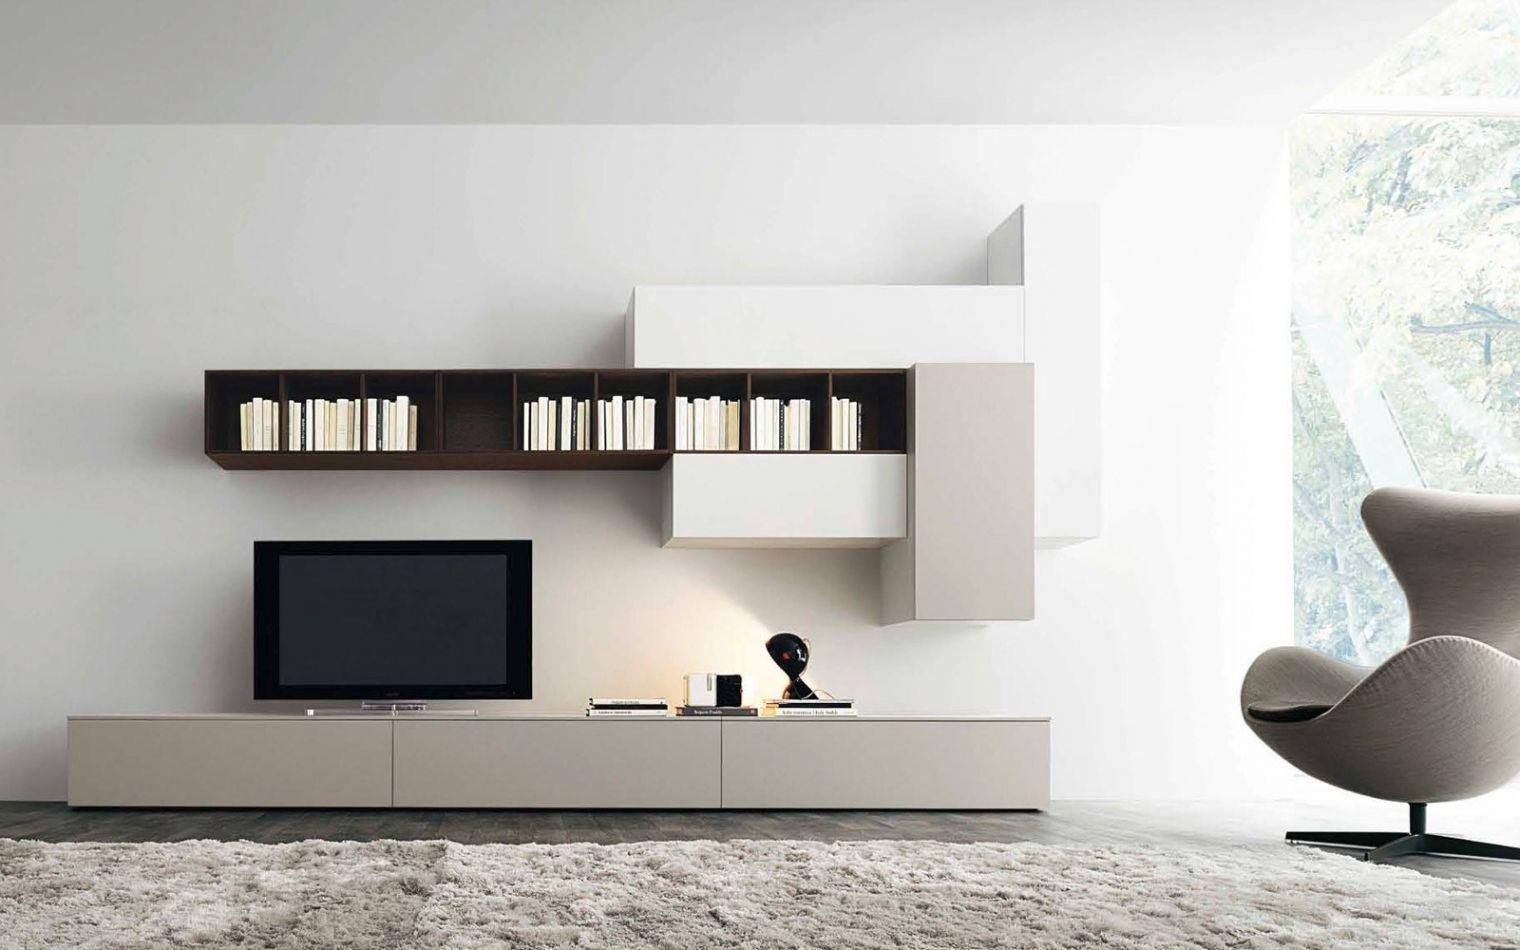 Wand Mobel Wohnzimmer ~ Neu wohnzimmer wand möbel wohnzimmer ideen